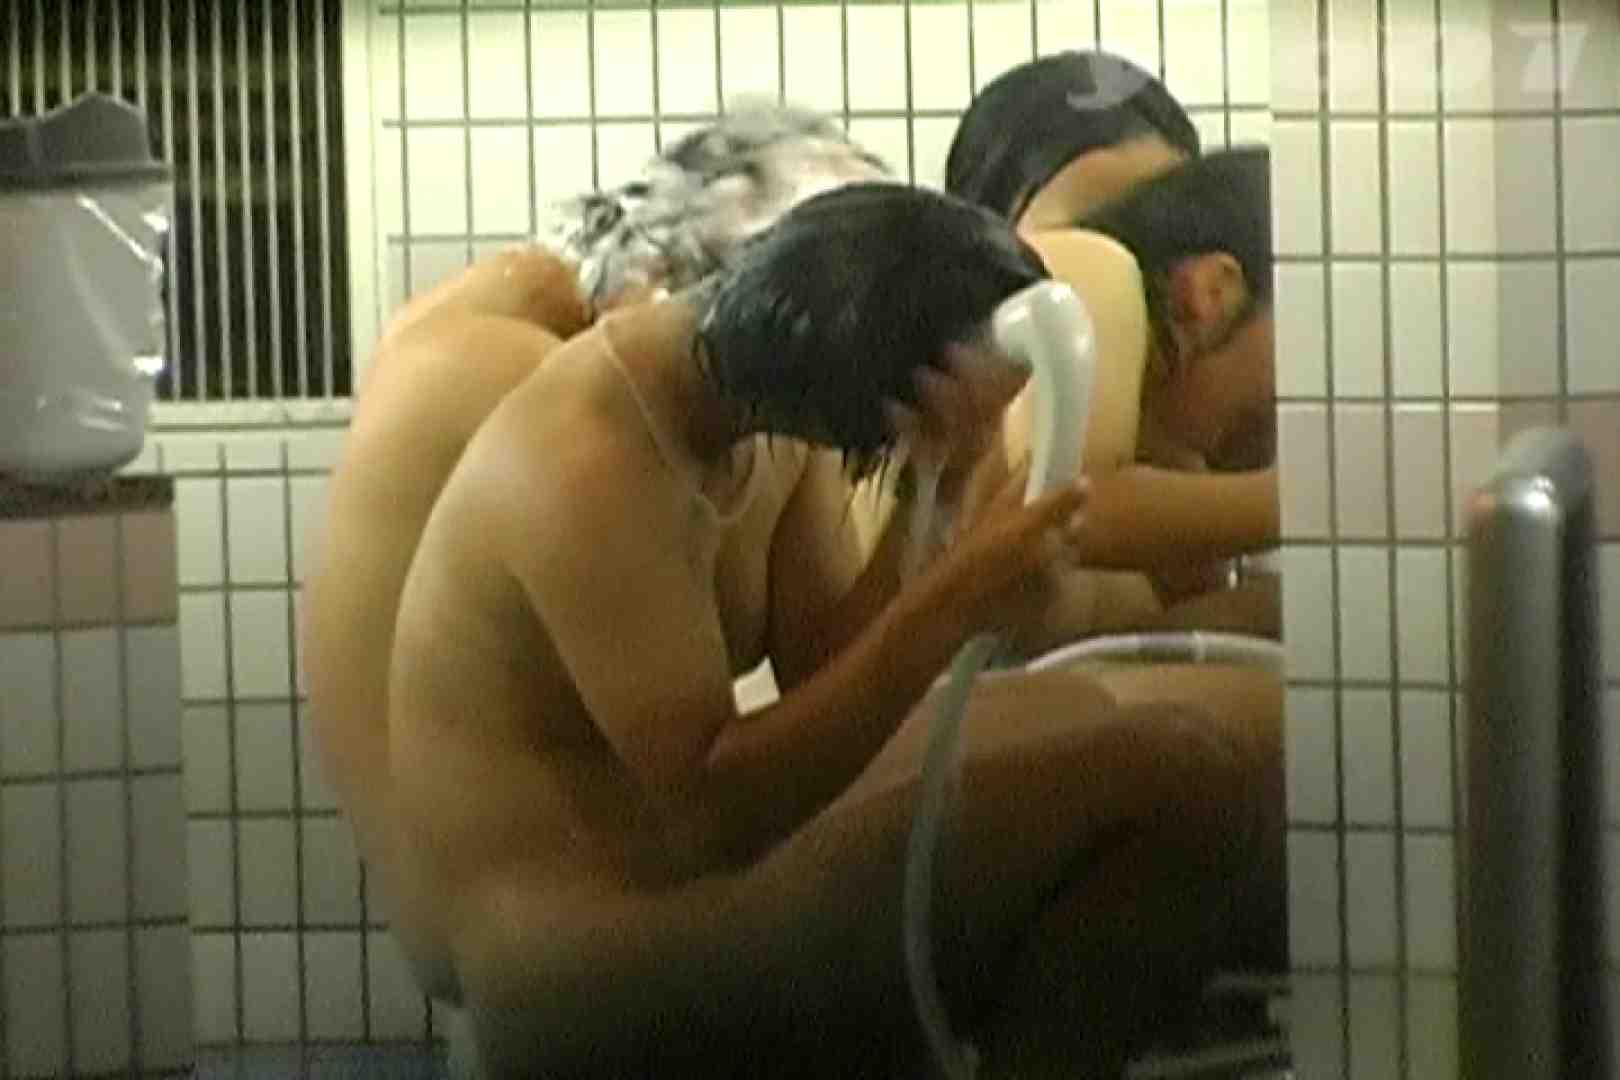 ▲復活限定▲合宿ホテル女風呂盗撮 Vol.02 盗撮 | ホテル  70PIX 29